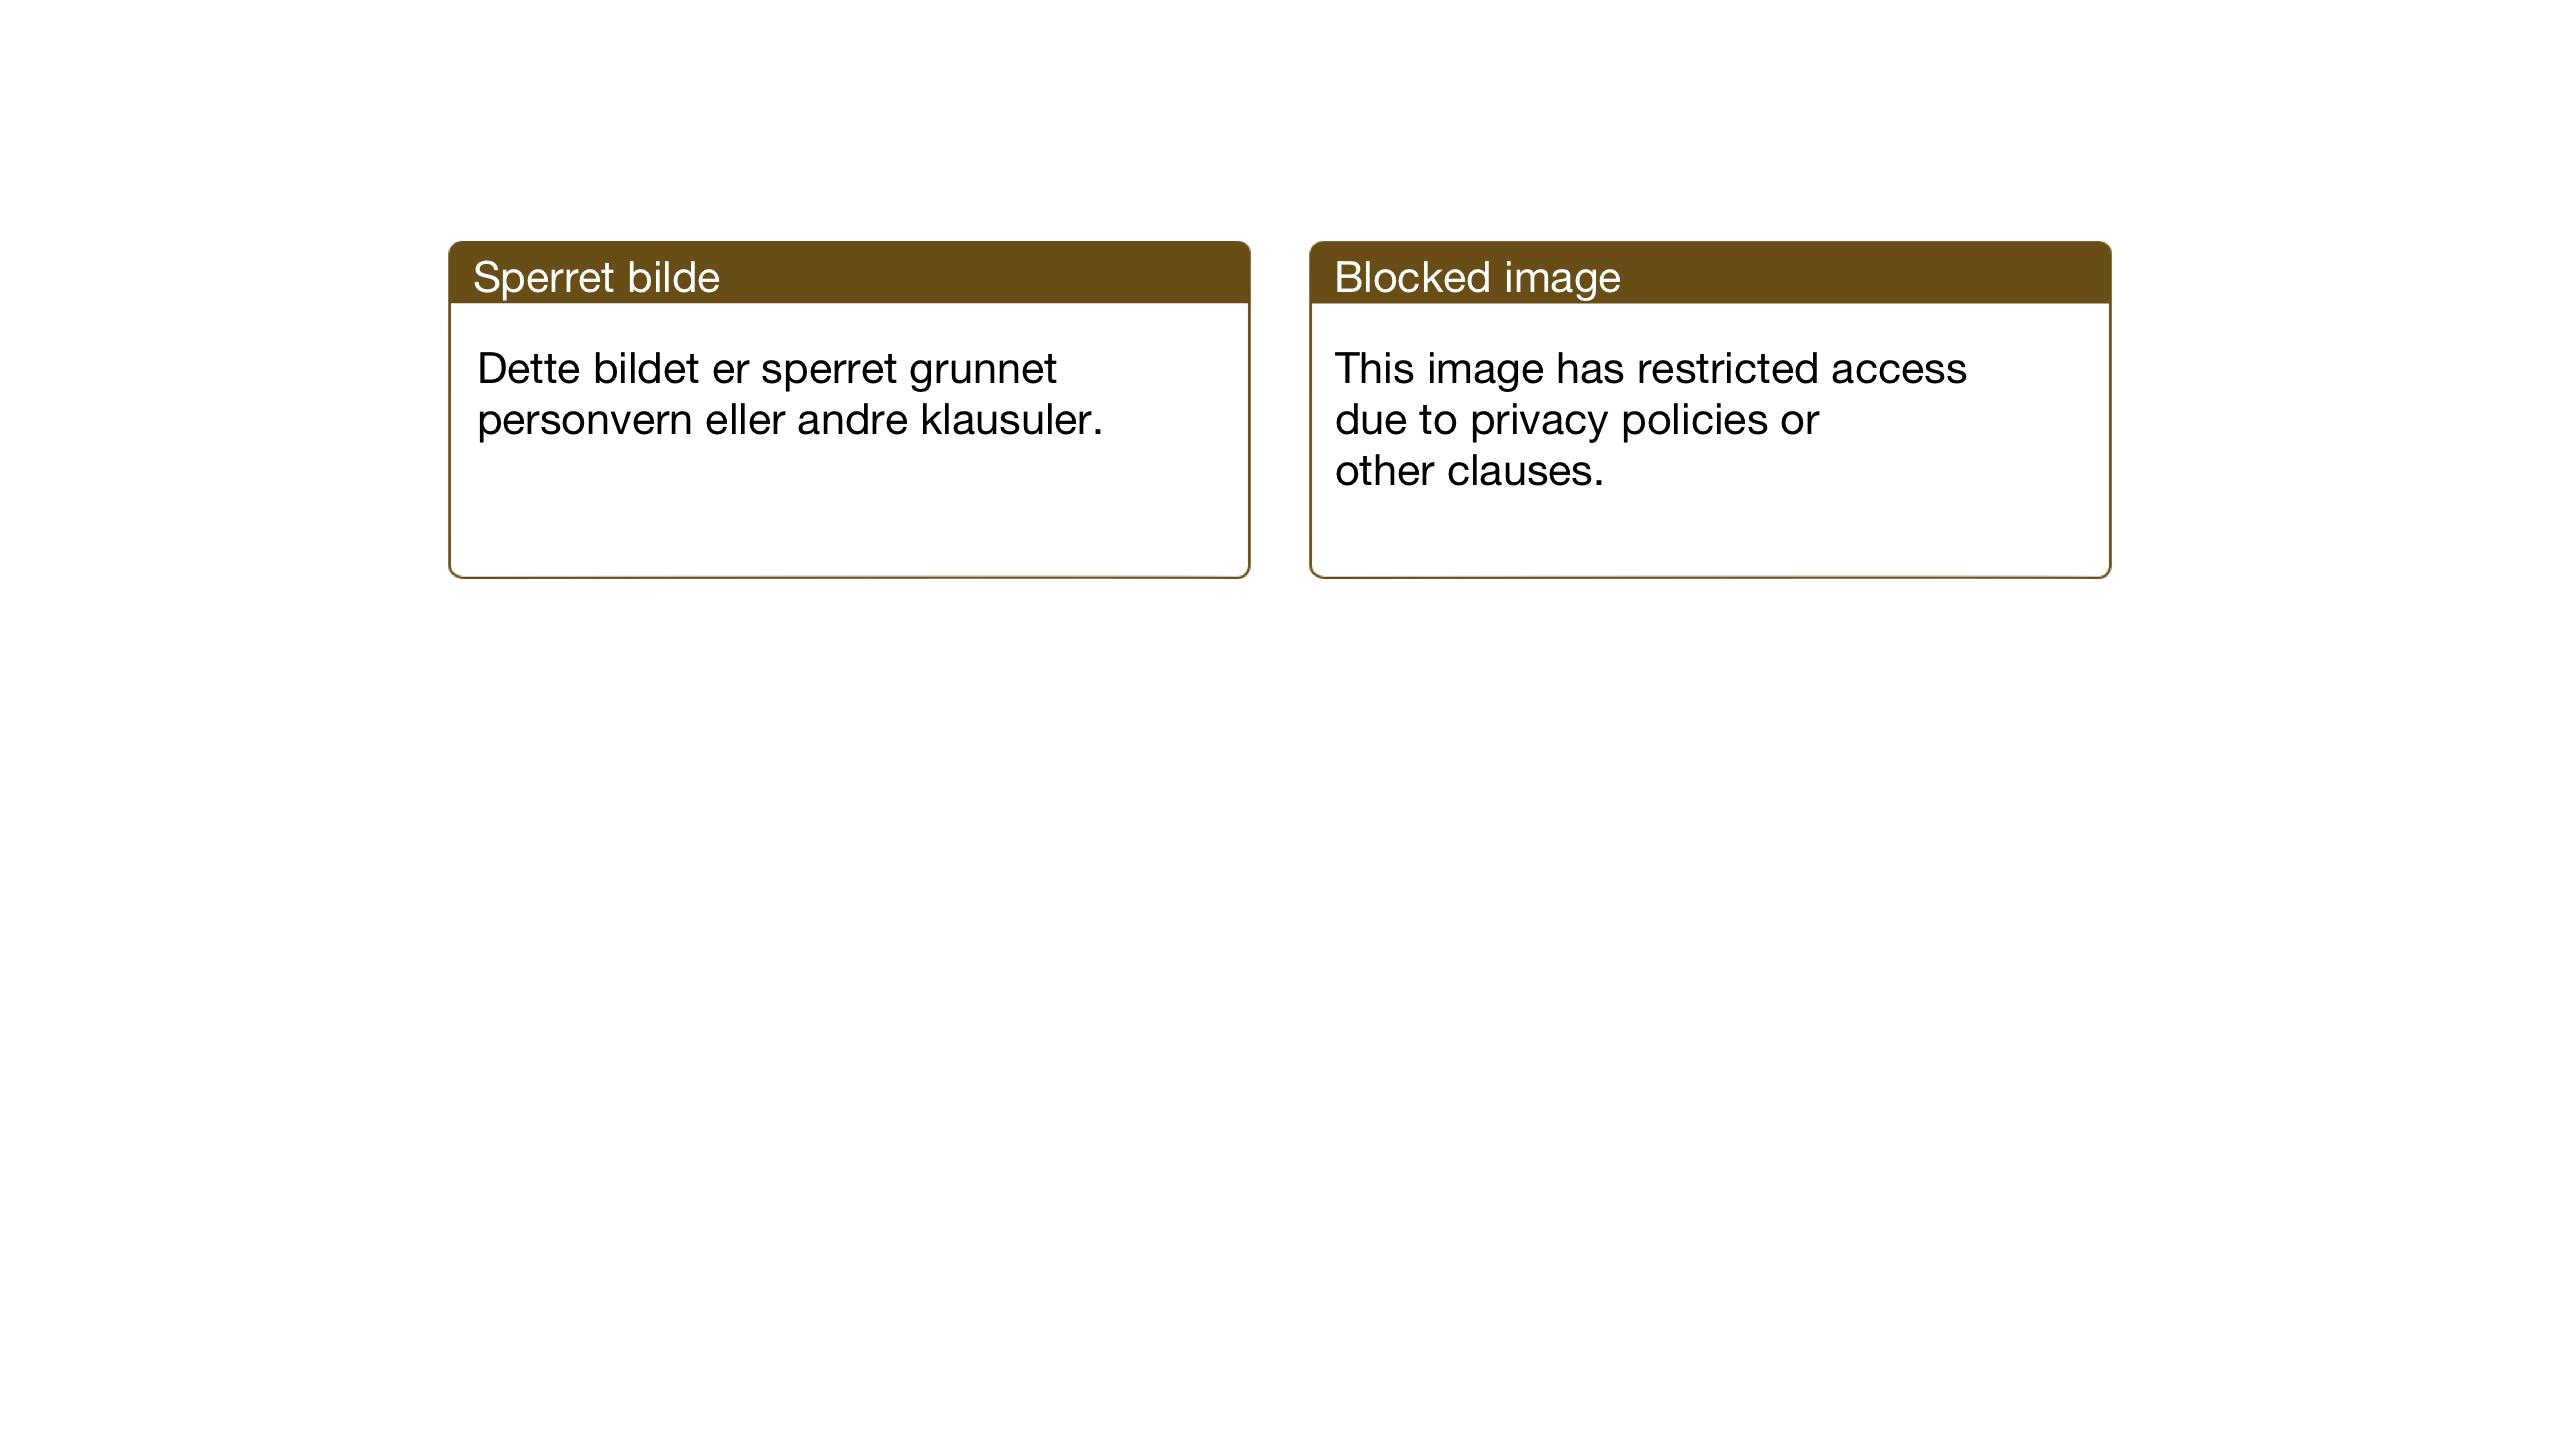 SAT, Ministerialprotokoller, klokkerbøker og fødselsregistre - Sør-Trøndelag, 640/L0590: Klokkerbok nr. 640C07, 1935-1948, s. 38